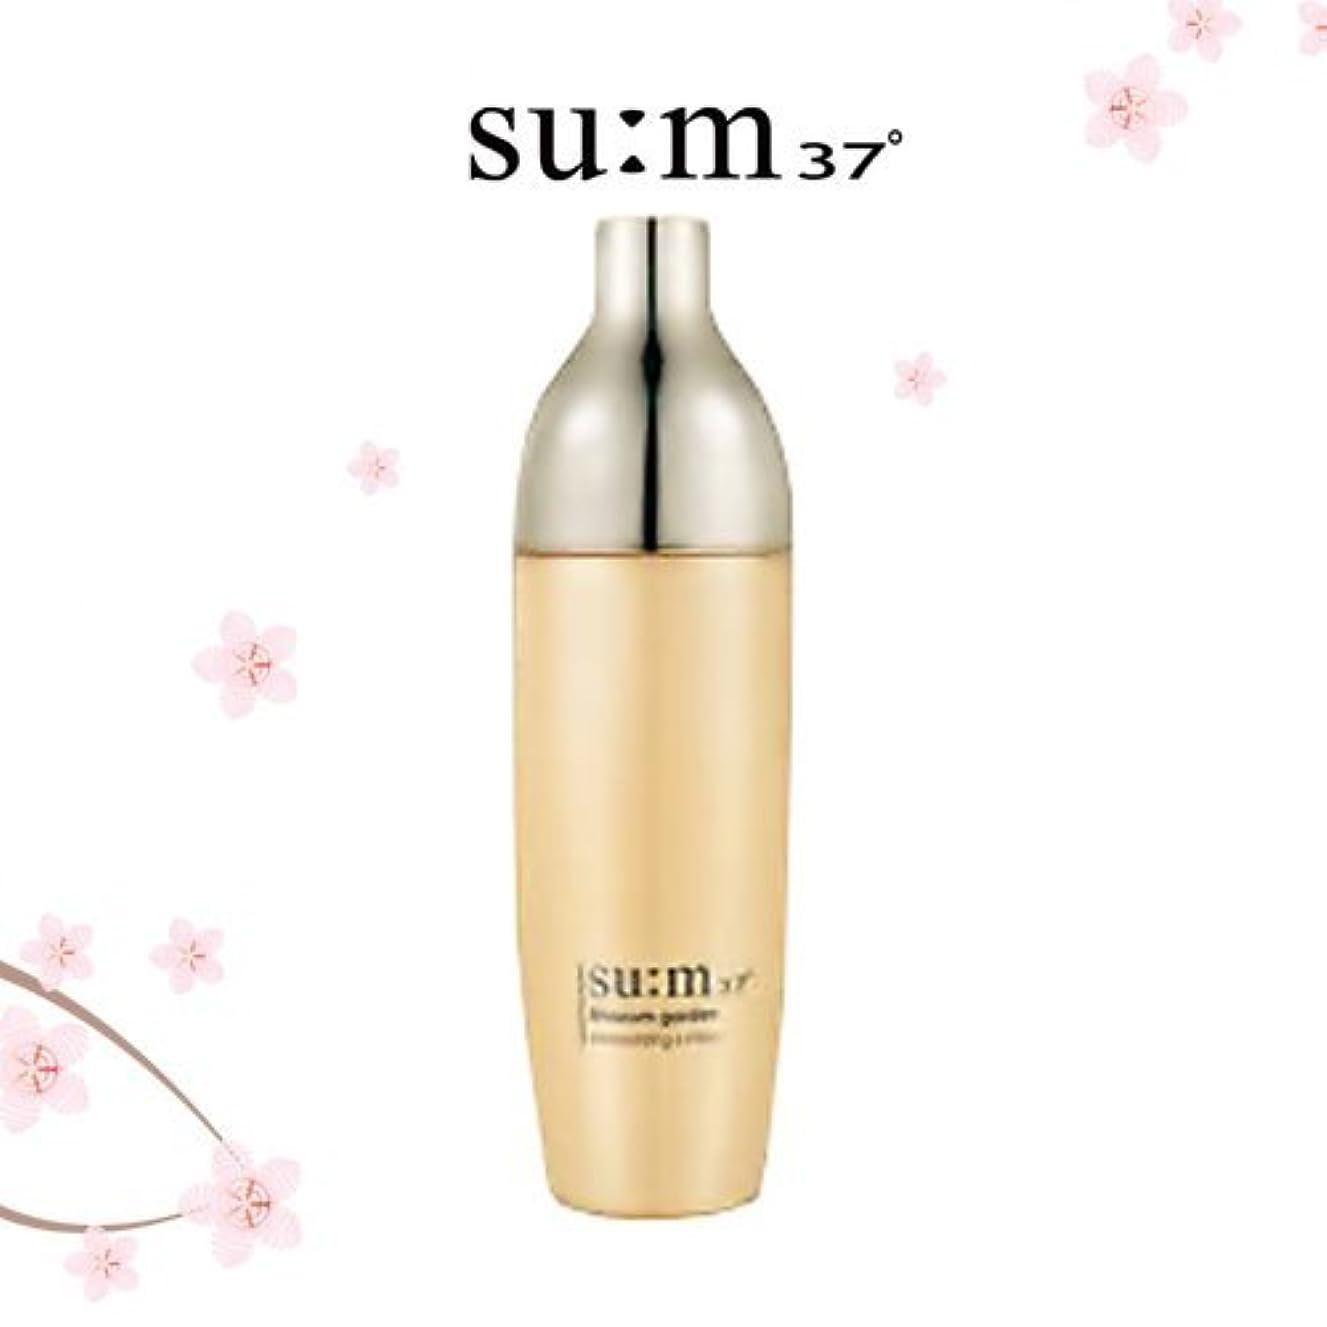 口径マルクス主義者忘れっぽいsum37(スム37)ブロッサムガーデンモイスチャライジングスキン155ml(blossom garden moisturizing skin)(並行輸入品)